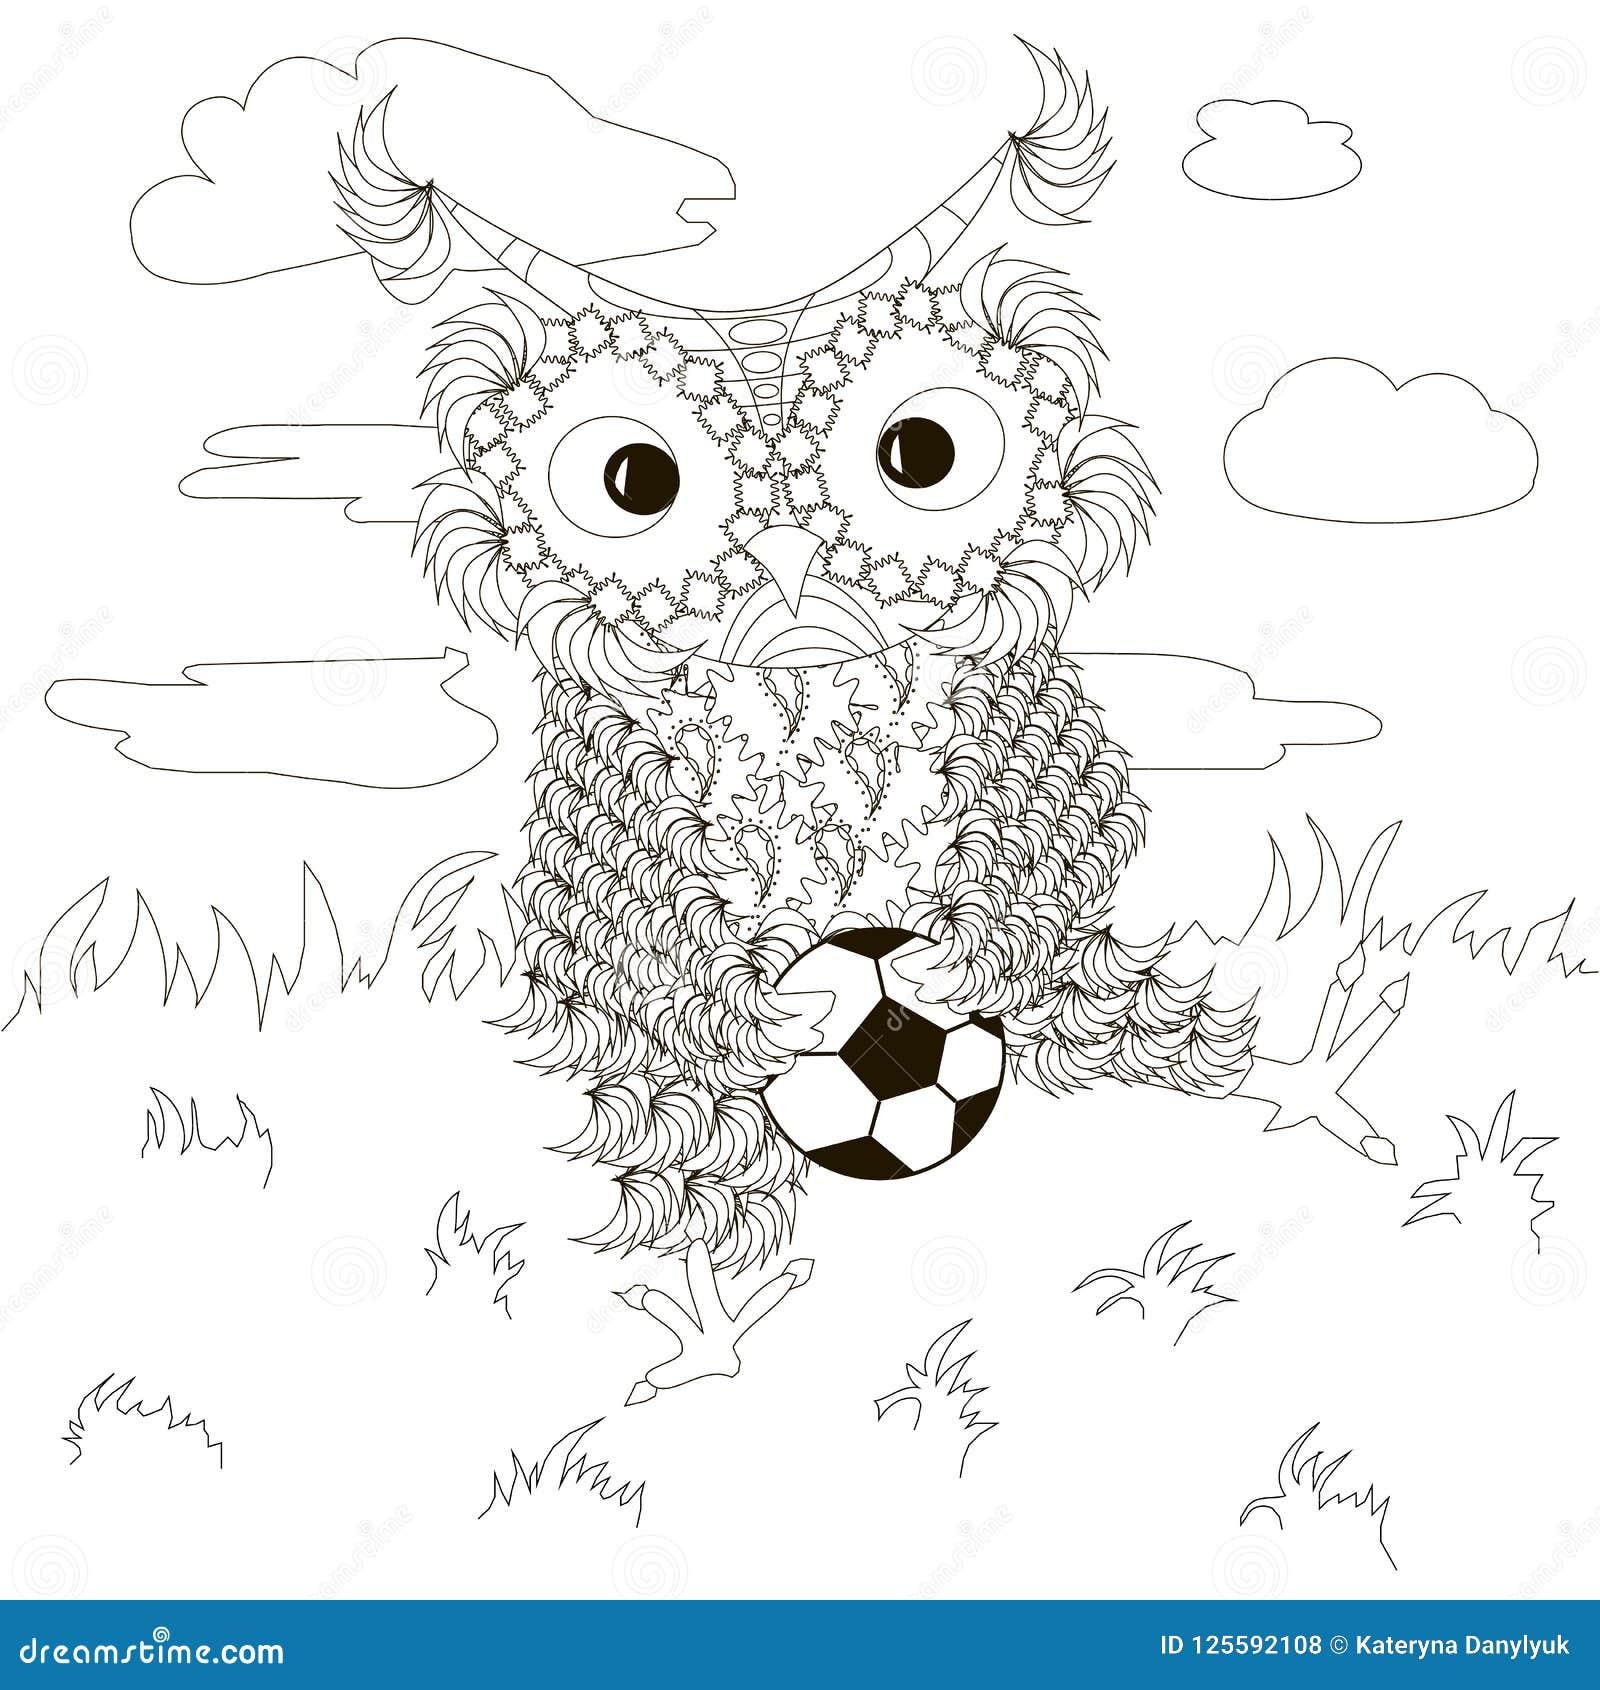 Zentangle, τυποποιημένες γραπτές κουκουβάγιες που κάθεται με το ποδόσφαιρο στο χορτοτάπητα, σύννεφα, σχέδιο χεριών